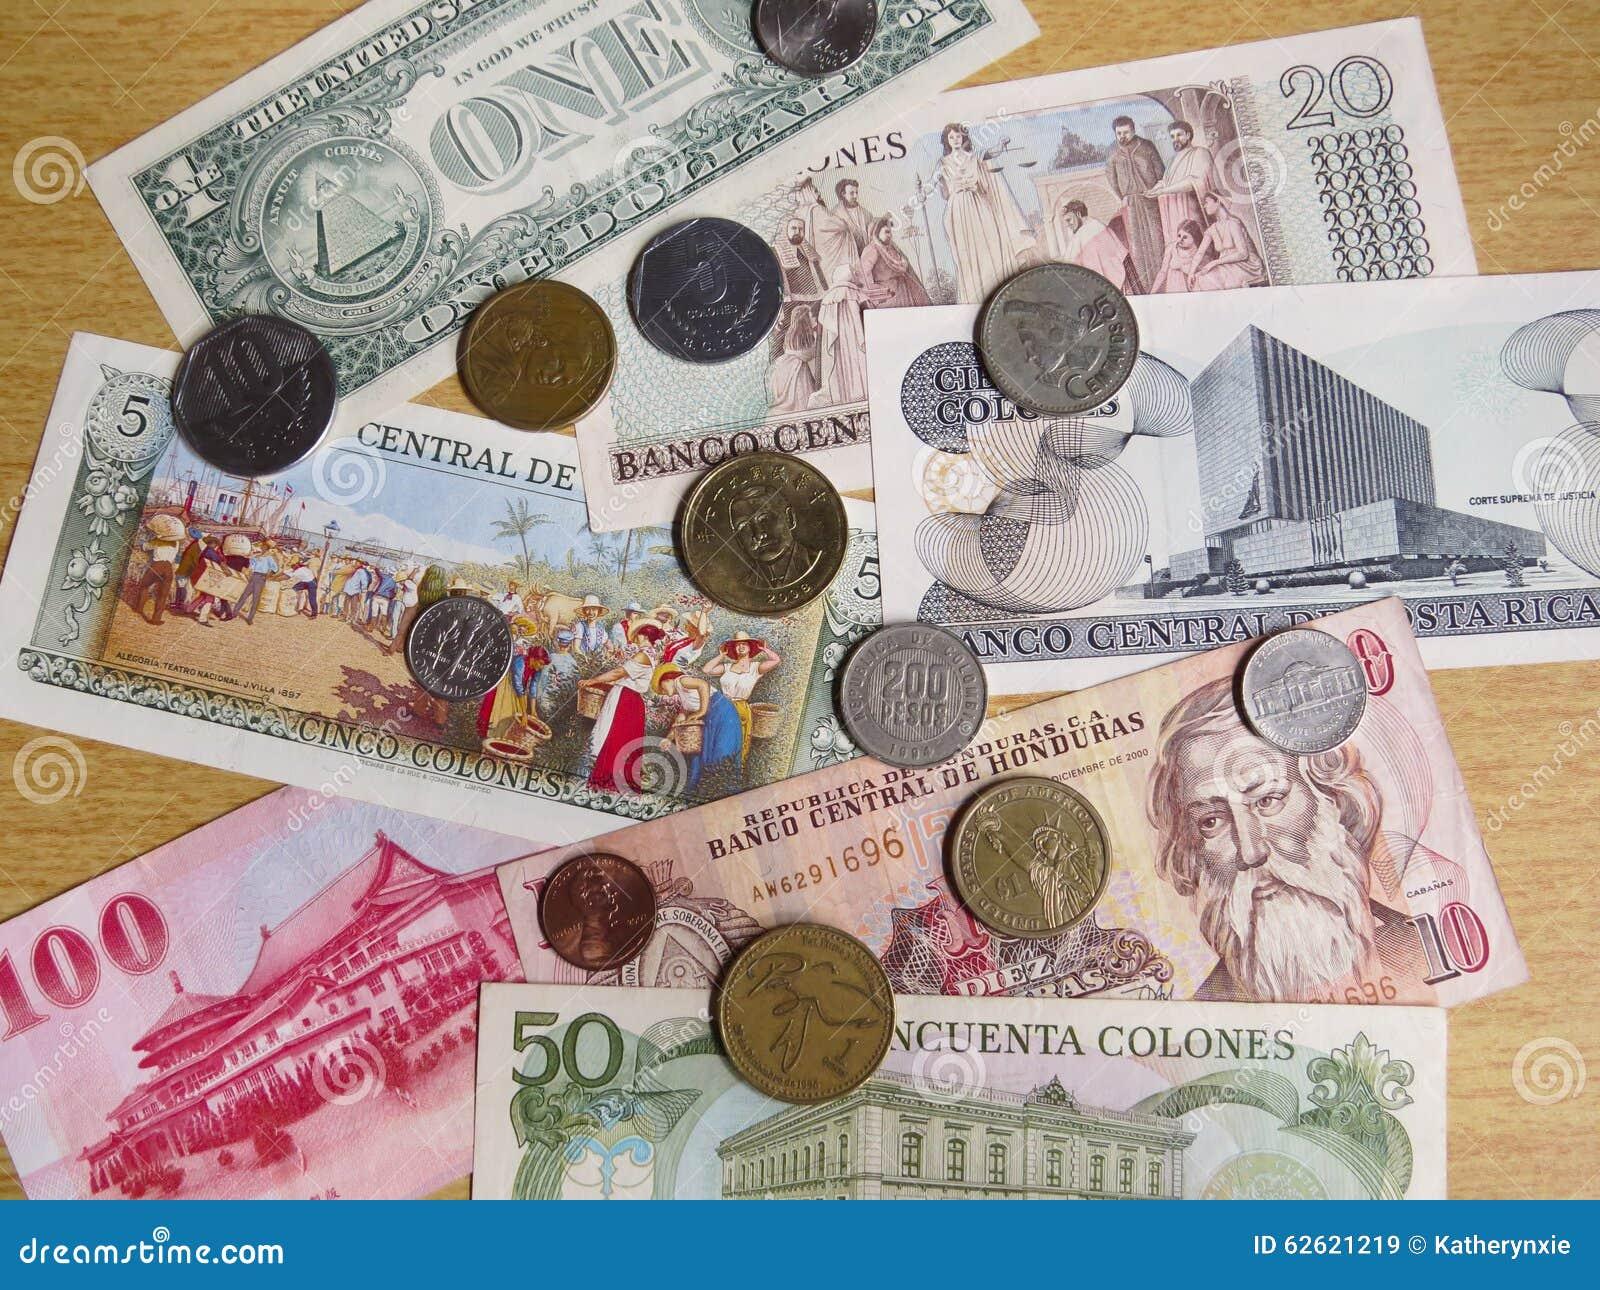 De hecho, 9,6 millones de personas en todo el mundo ahora son comerciantes en línea: es decir, 1 de cada personas. Sin embargo esto se ve como usura, y por lo tanto las restricciones de comercio de divisas se han impuesto para permitir el intercambio de moneda que cumpla con la ley myblogmoversjjd.ga://myblogmoversjjd.ga